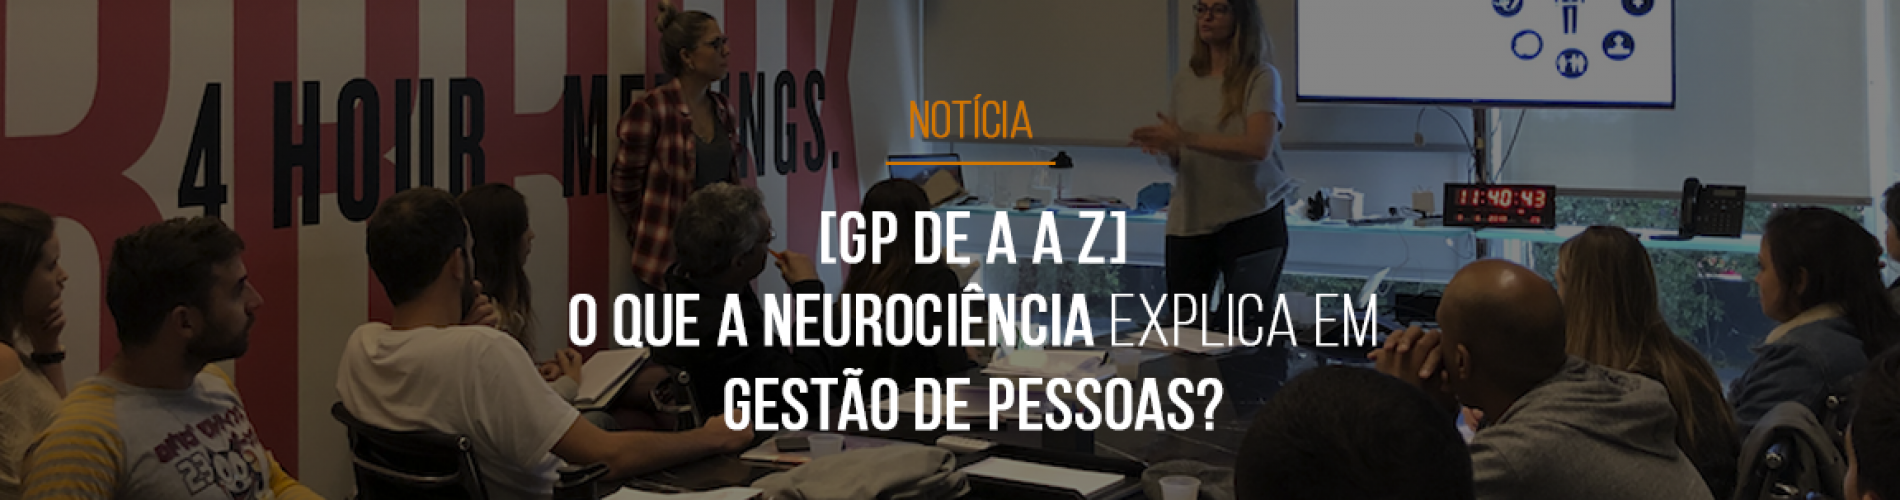 gp-de-a-a-z-o-que-a-neurociencia-explica-sobre-gestao-de-pessoas